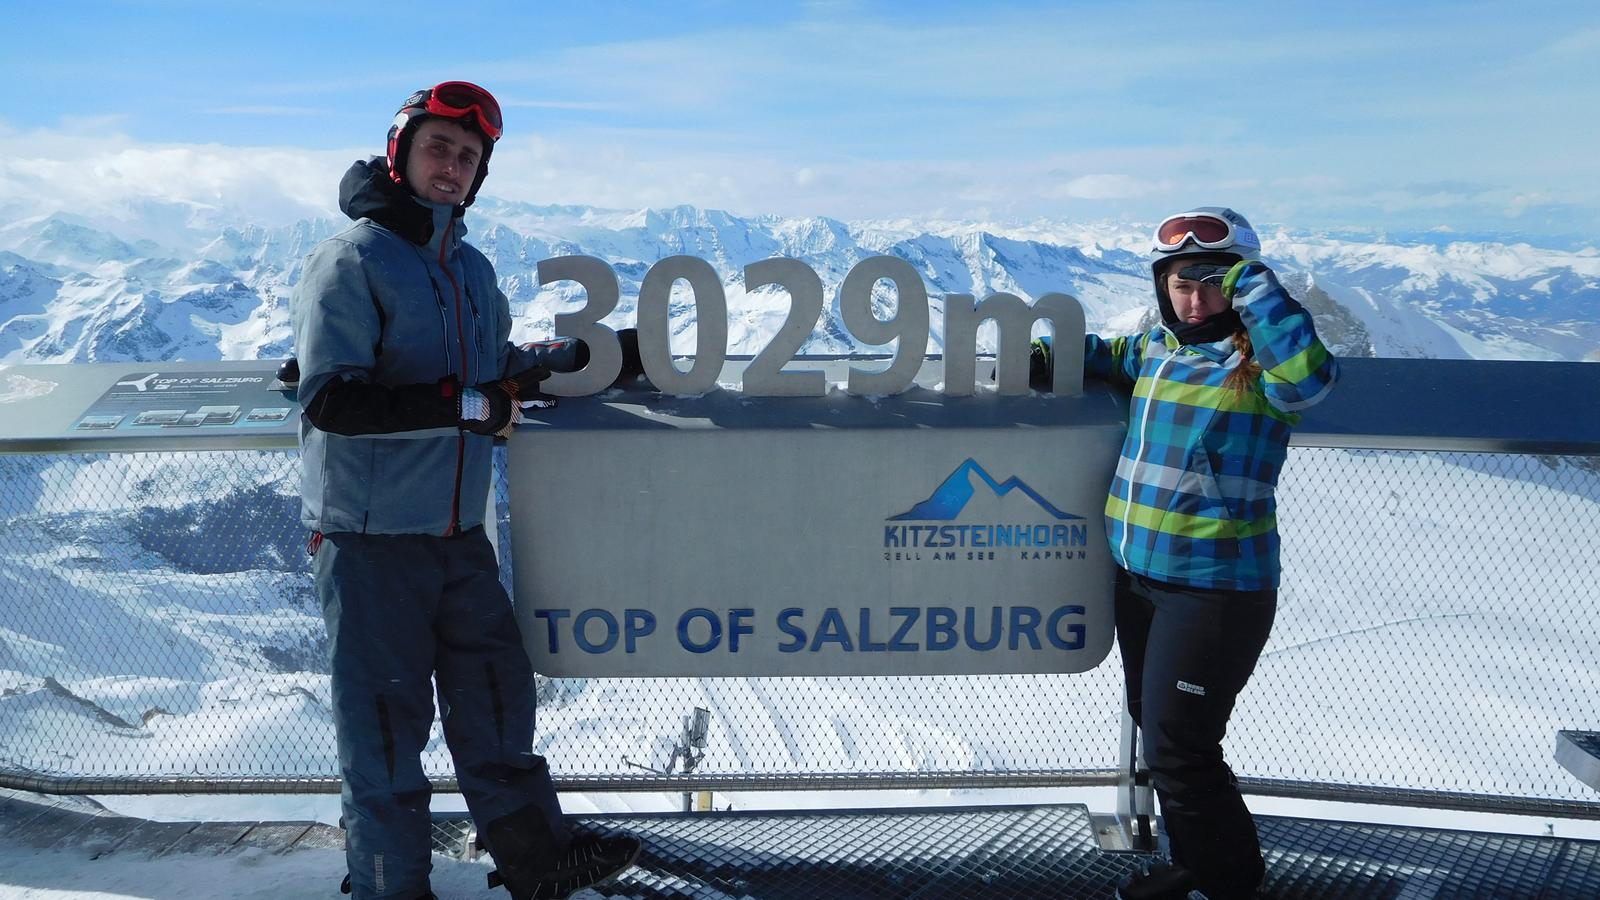 ♥M+P♥ Přípravy - Kitzsteinhorn - tam to všechno začalo, moje drahá polovička se rozhodla že mě požádá o ruku ve 3000 metrech na ledovci :-D Někdo má zásnuby na Eiffelovce v Paříži já na ledovci v Rakousku, opravdu silný zážitek s takovým výhledem :-)